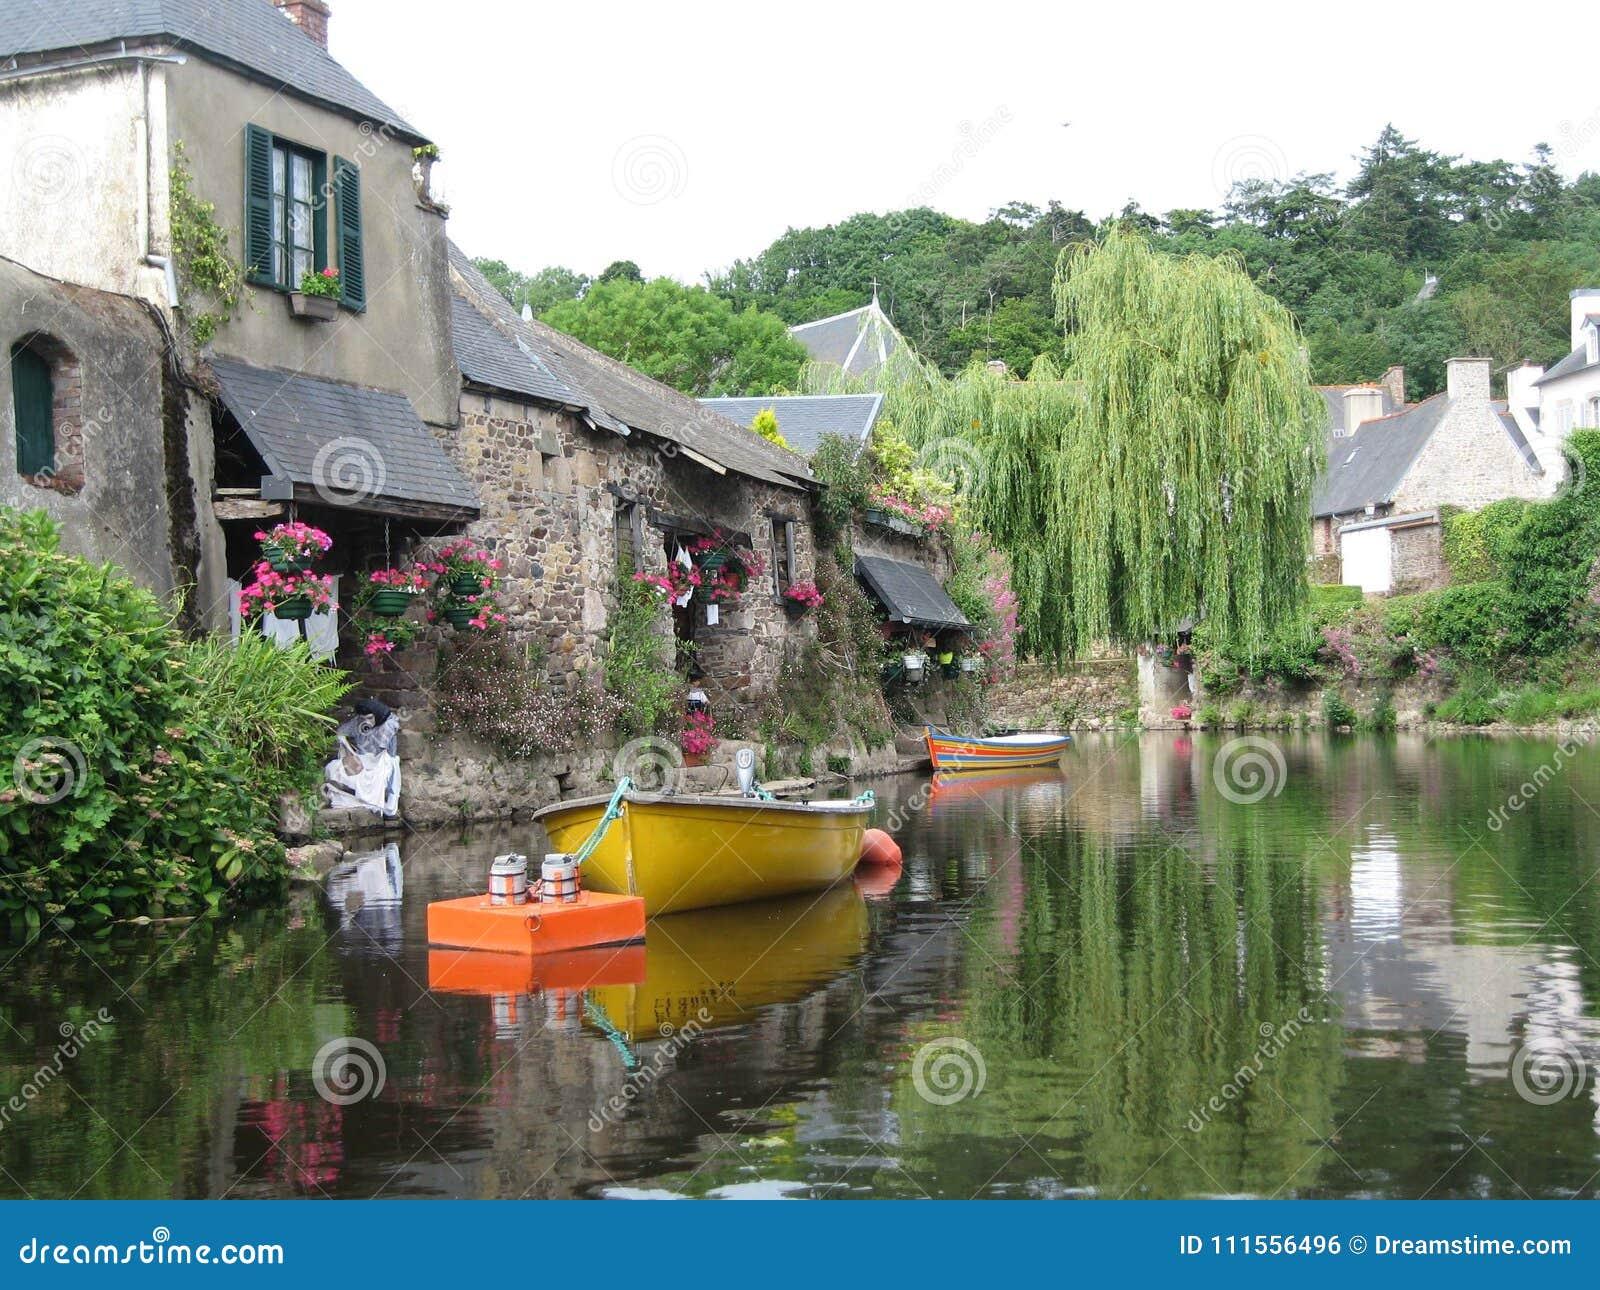 In Bretagne gesehen den malerischen Häusern mit ihren blumigen Fassaden